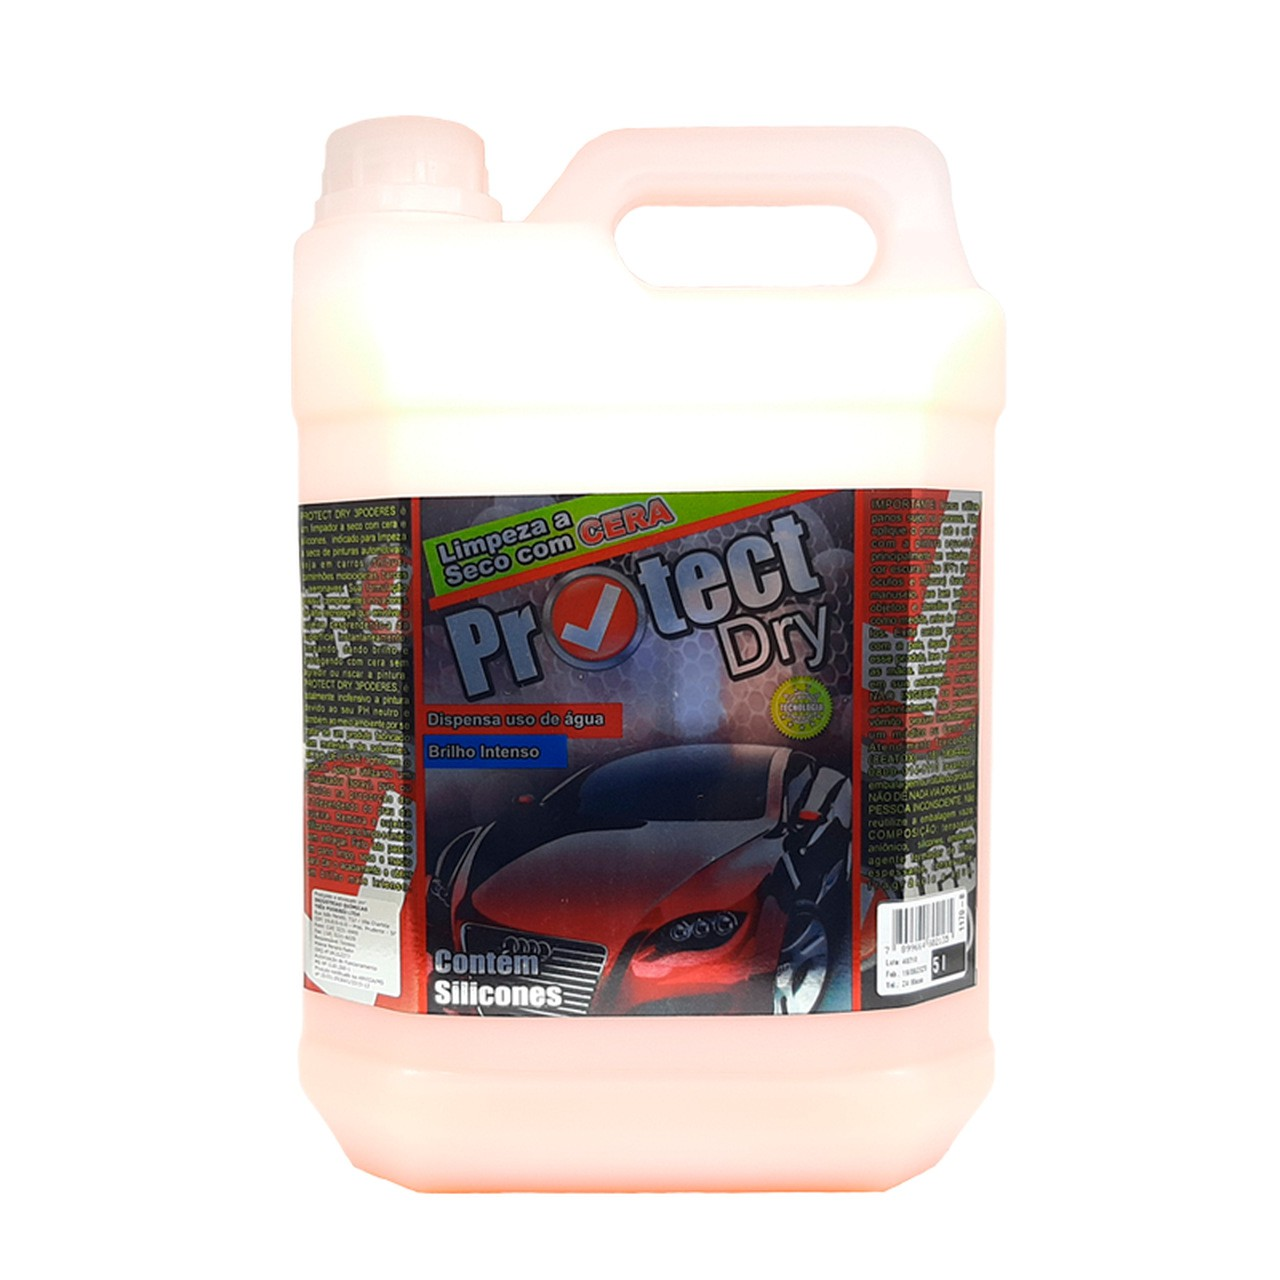 Protect DRY 3 Poderes 5LTS - Cera Limpadora à seco de auto brilho com silicone para automóveis